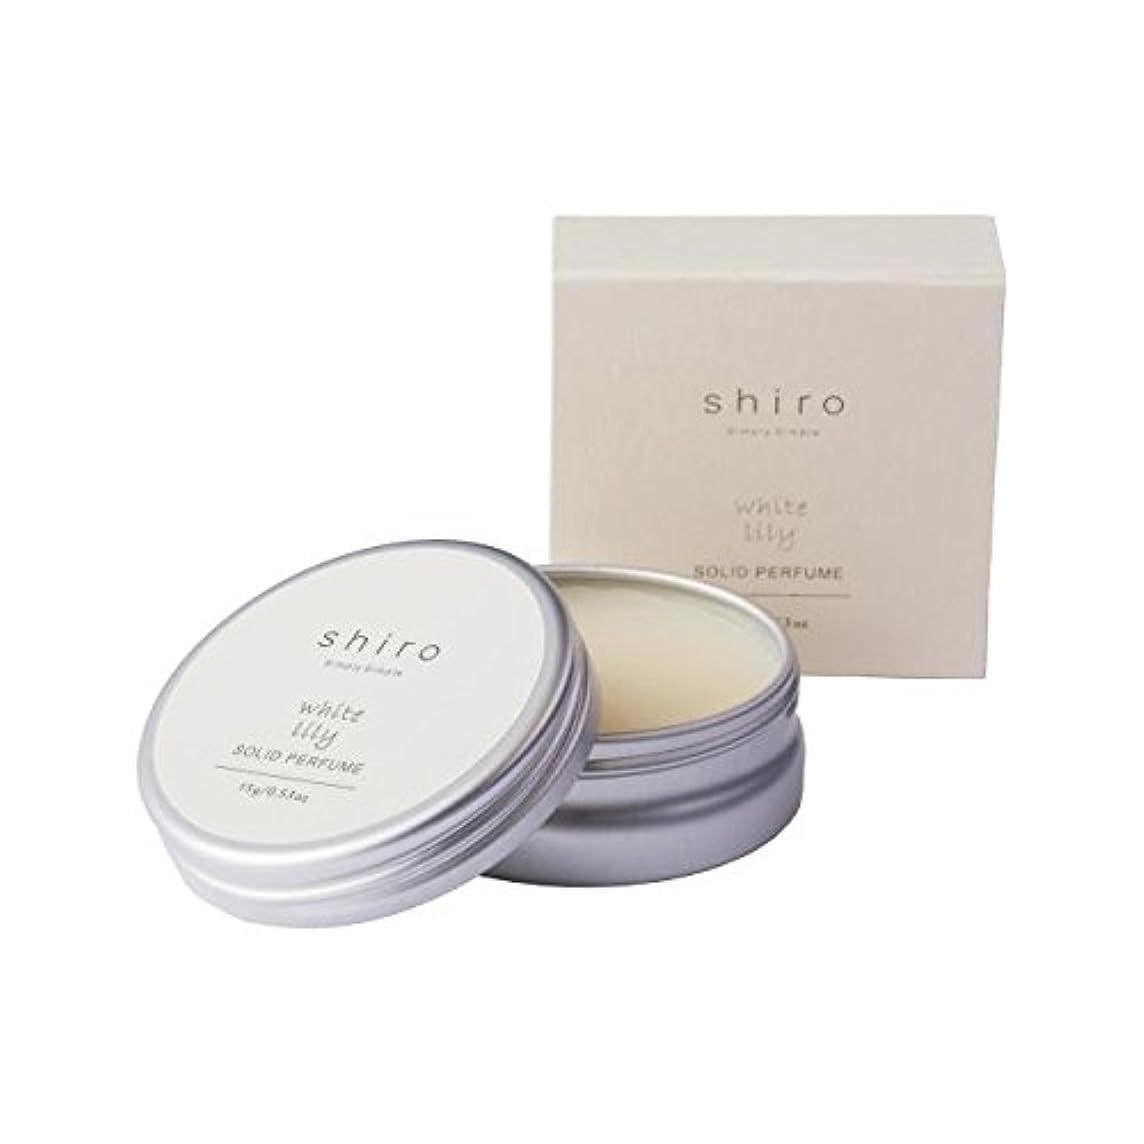 八百屋潜在的な変化shiro ホワイトリリー シャンプーのような香り すっきりと清潔感 練り香水 シロ 固形タイプ フレグランス 保湿成分 指先の保湿ケア